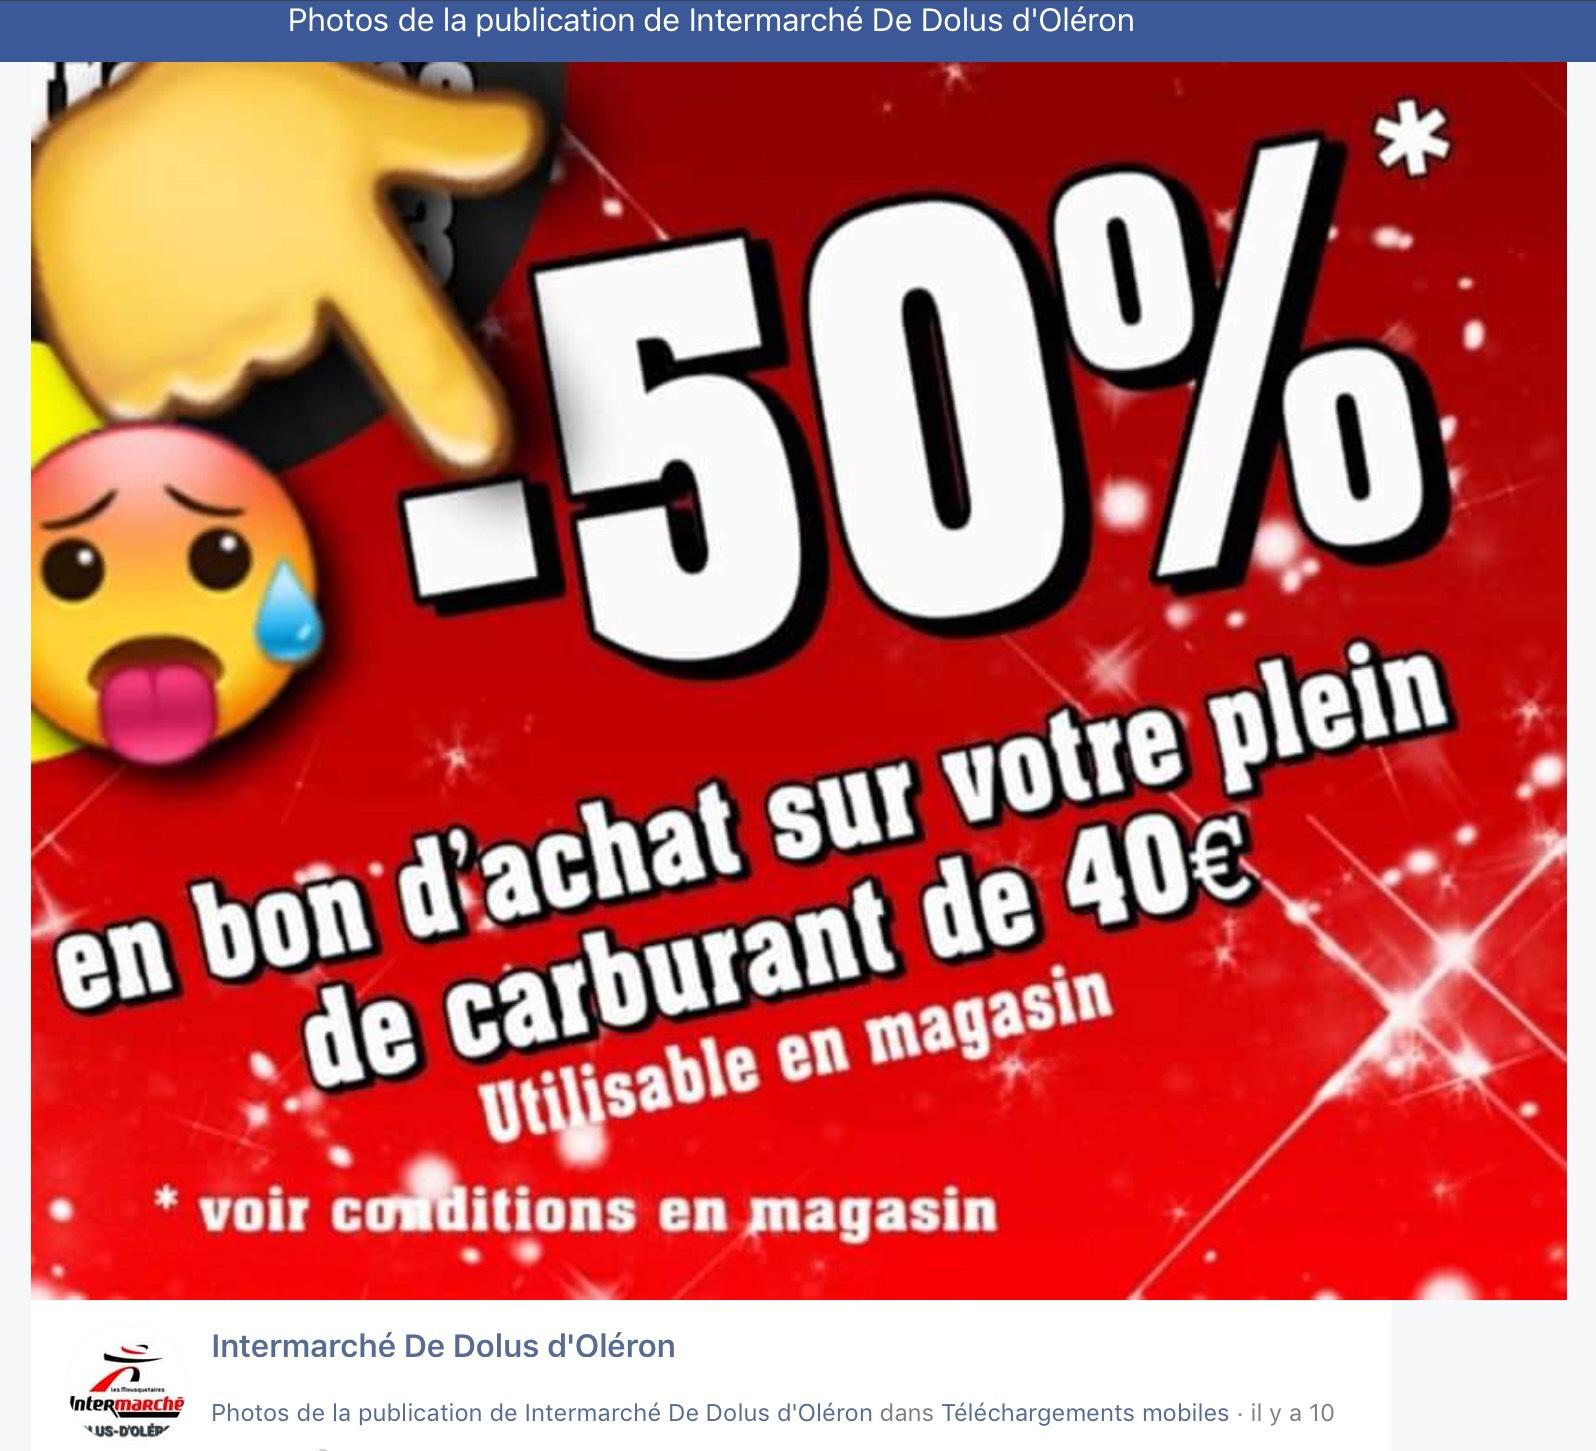 50% en bon d'achat sur un plein de carburant de 40€ - Dolus d'Oléron (17)